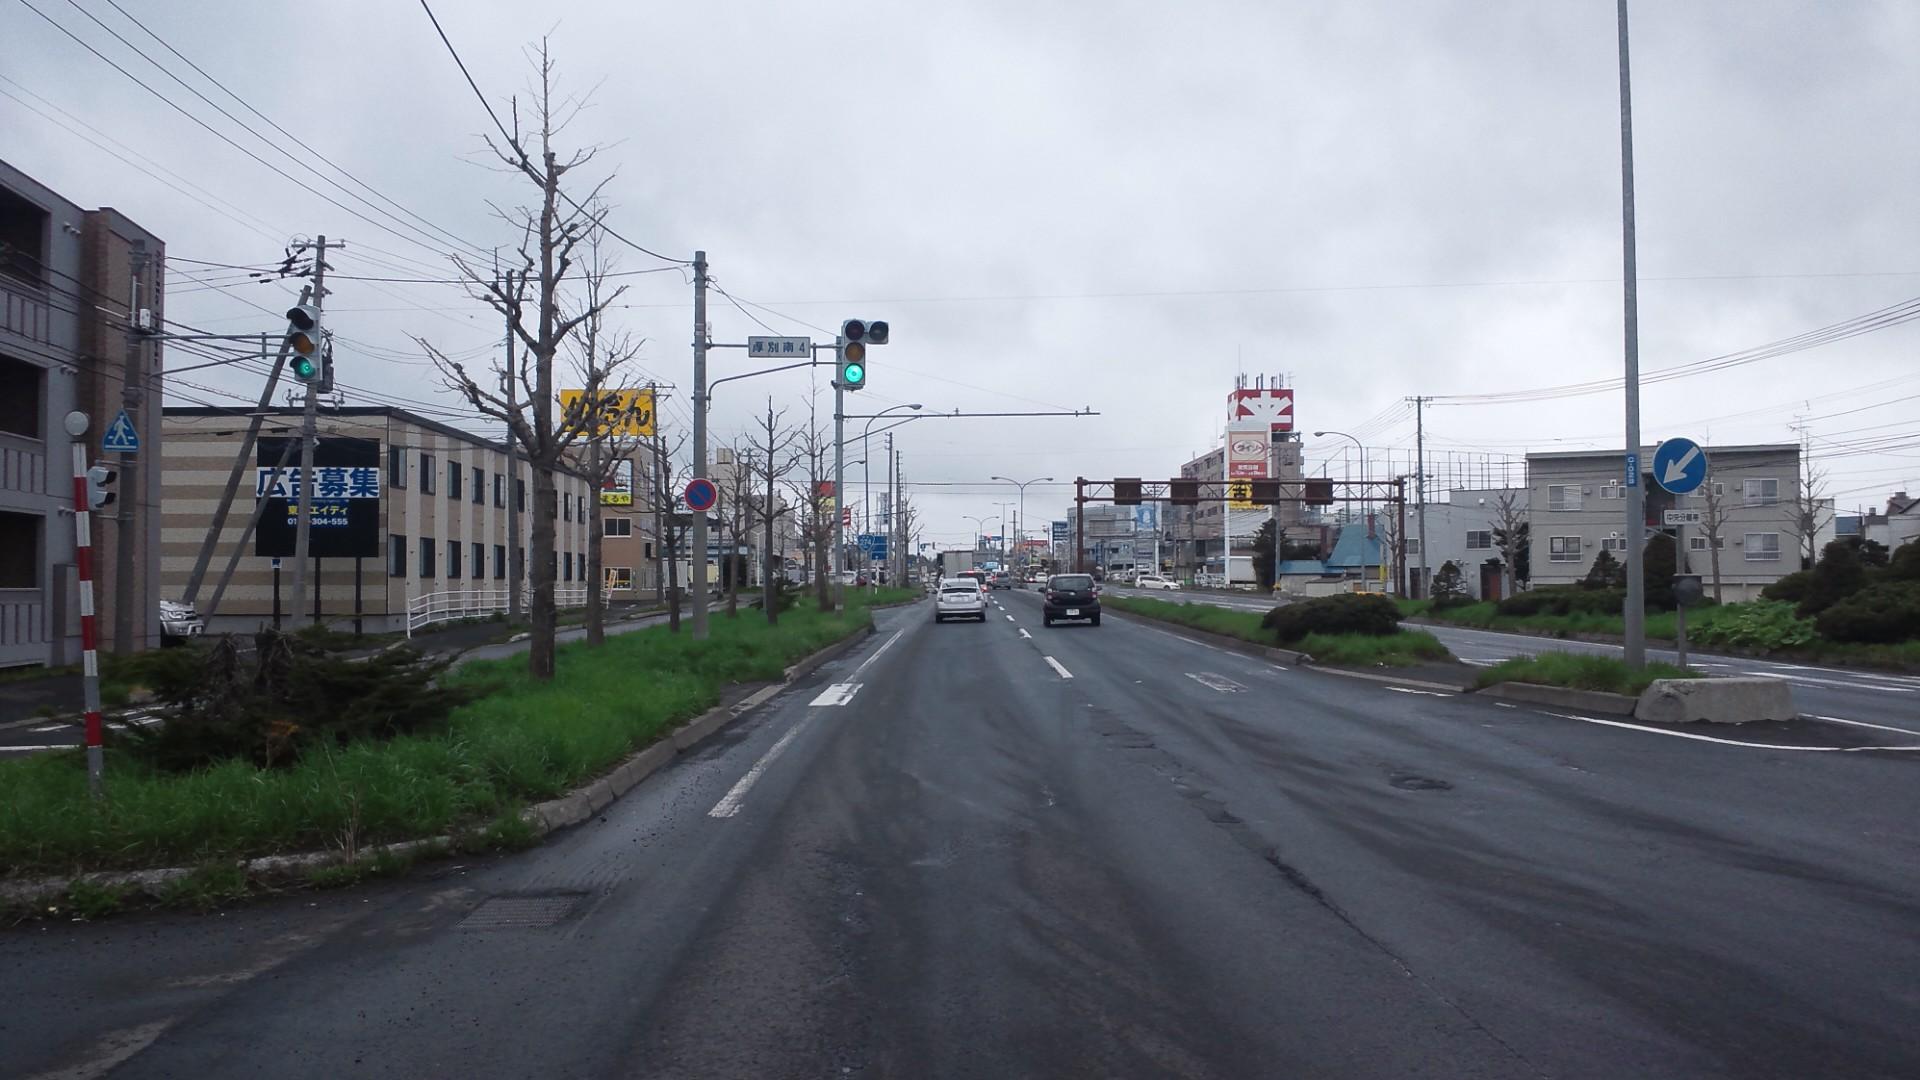 홋카이도 삿포로시 아쓰베쓰구 아츠베츠미나미 4가 853-46